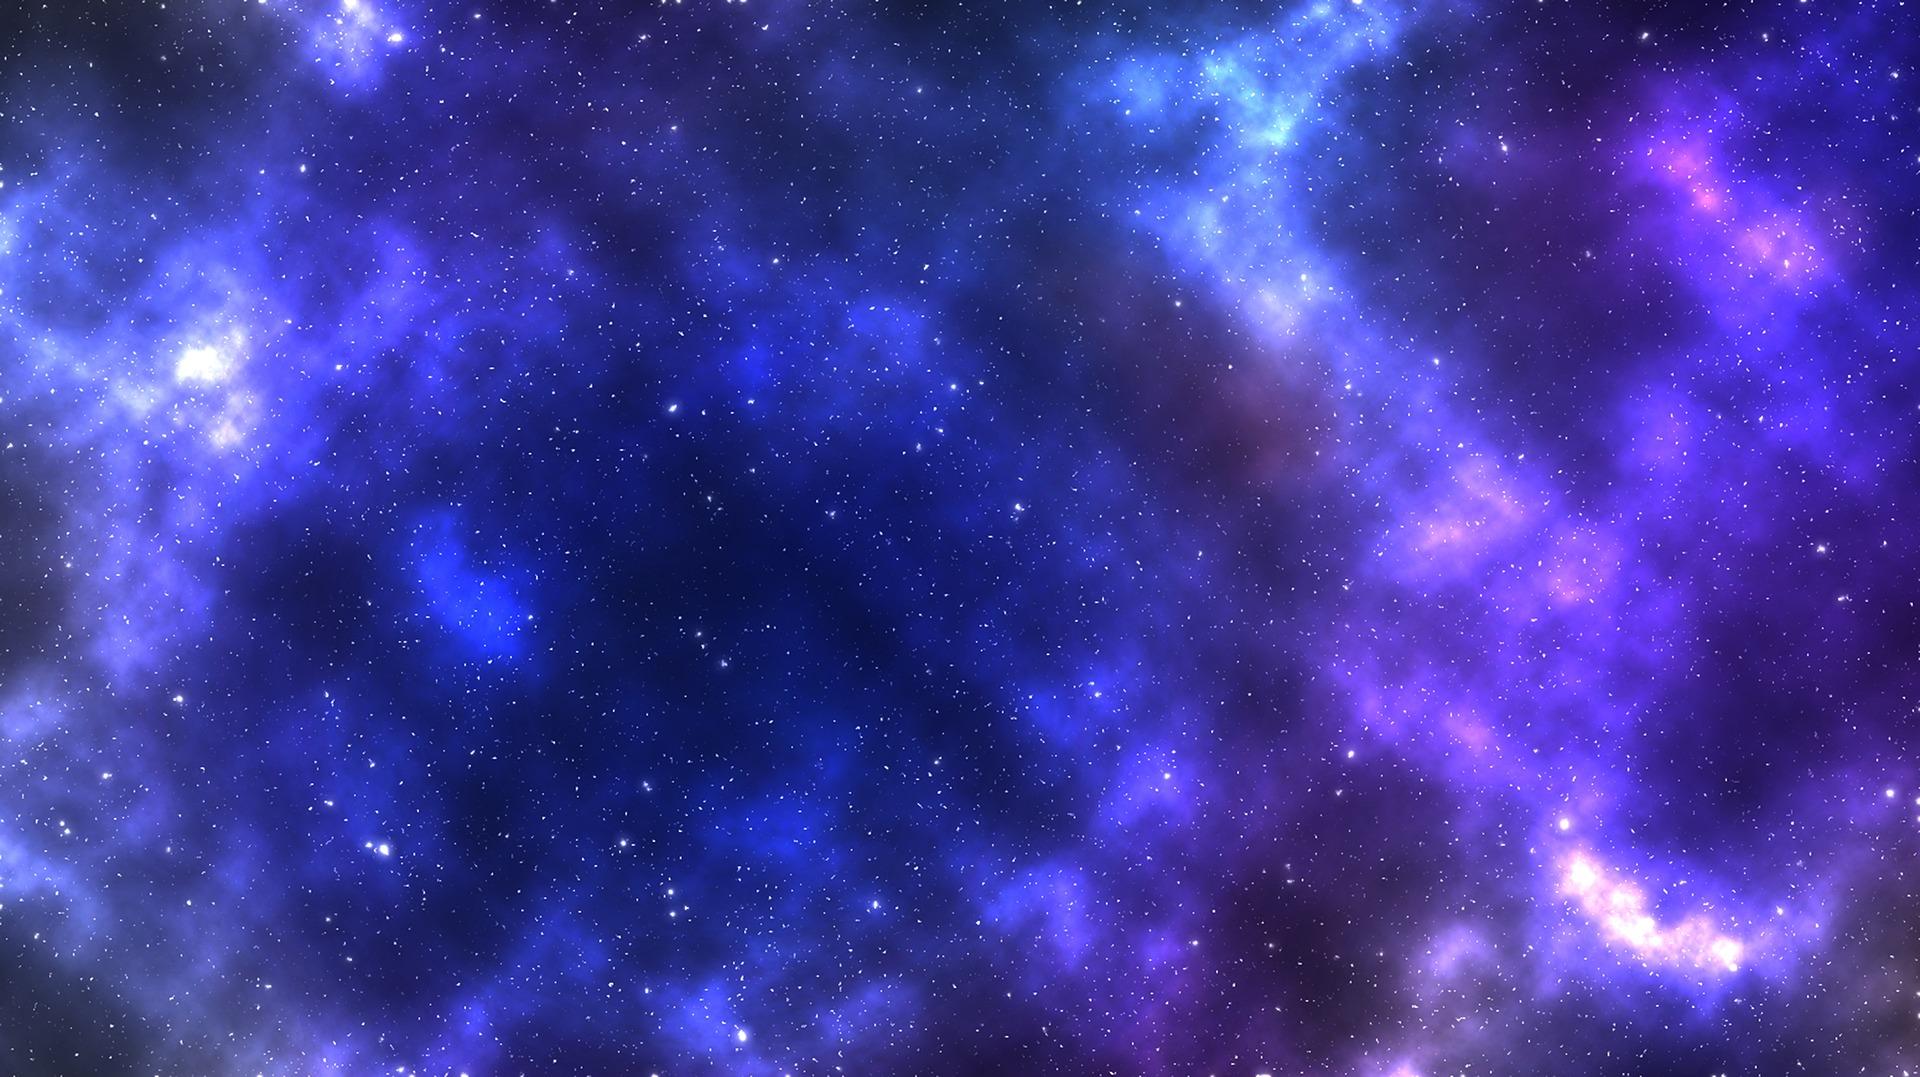 bioritmi per programmatori o meglio un cielo stellato